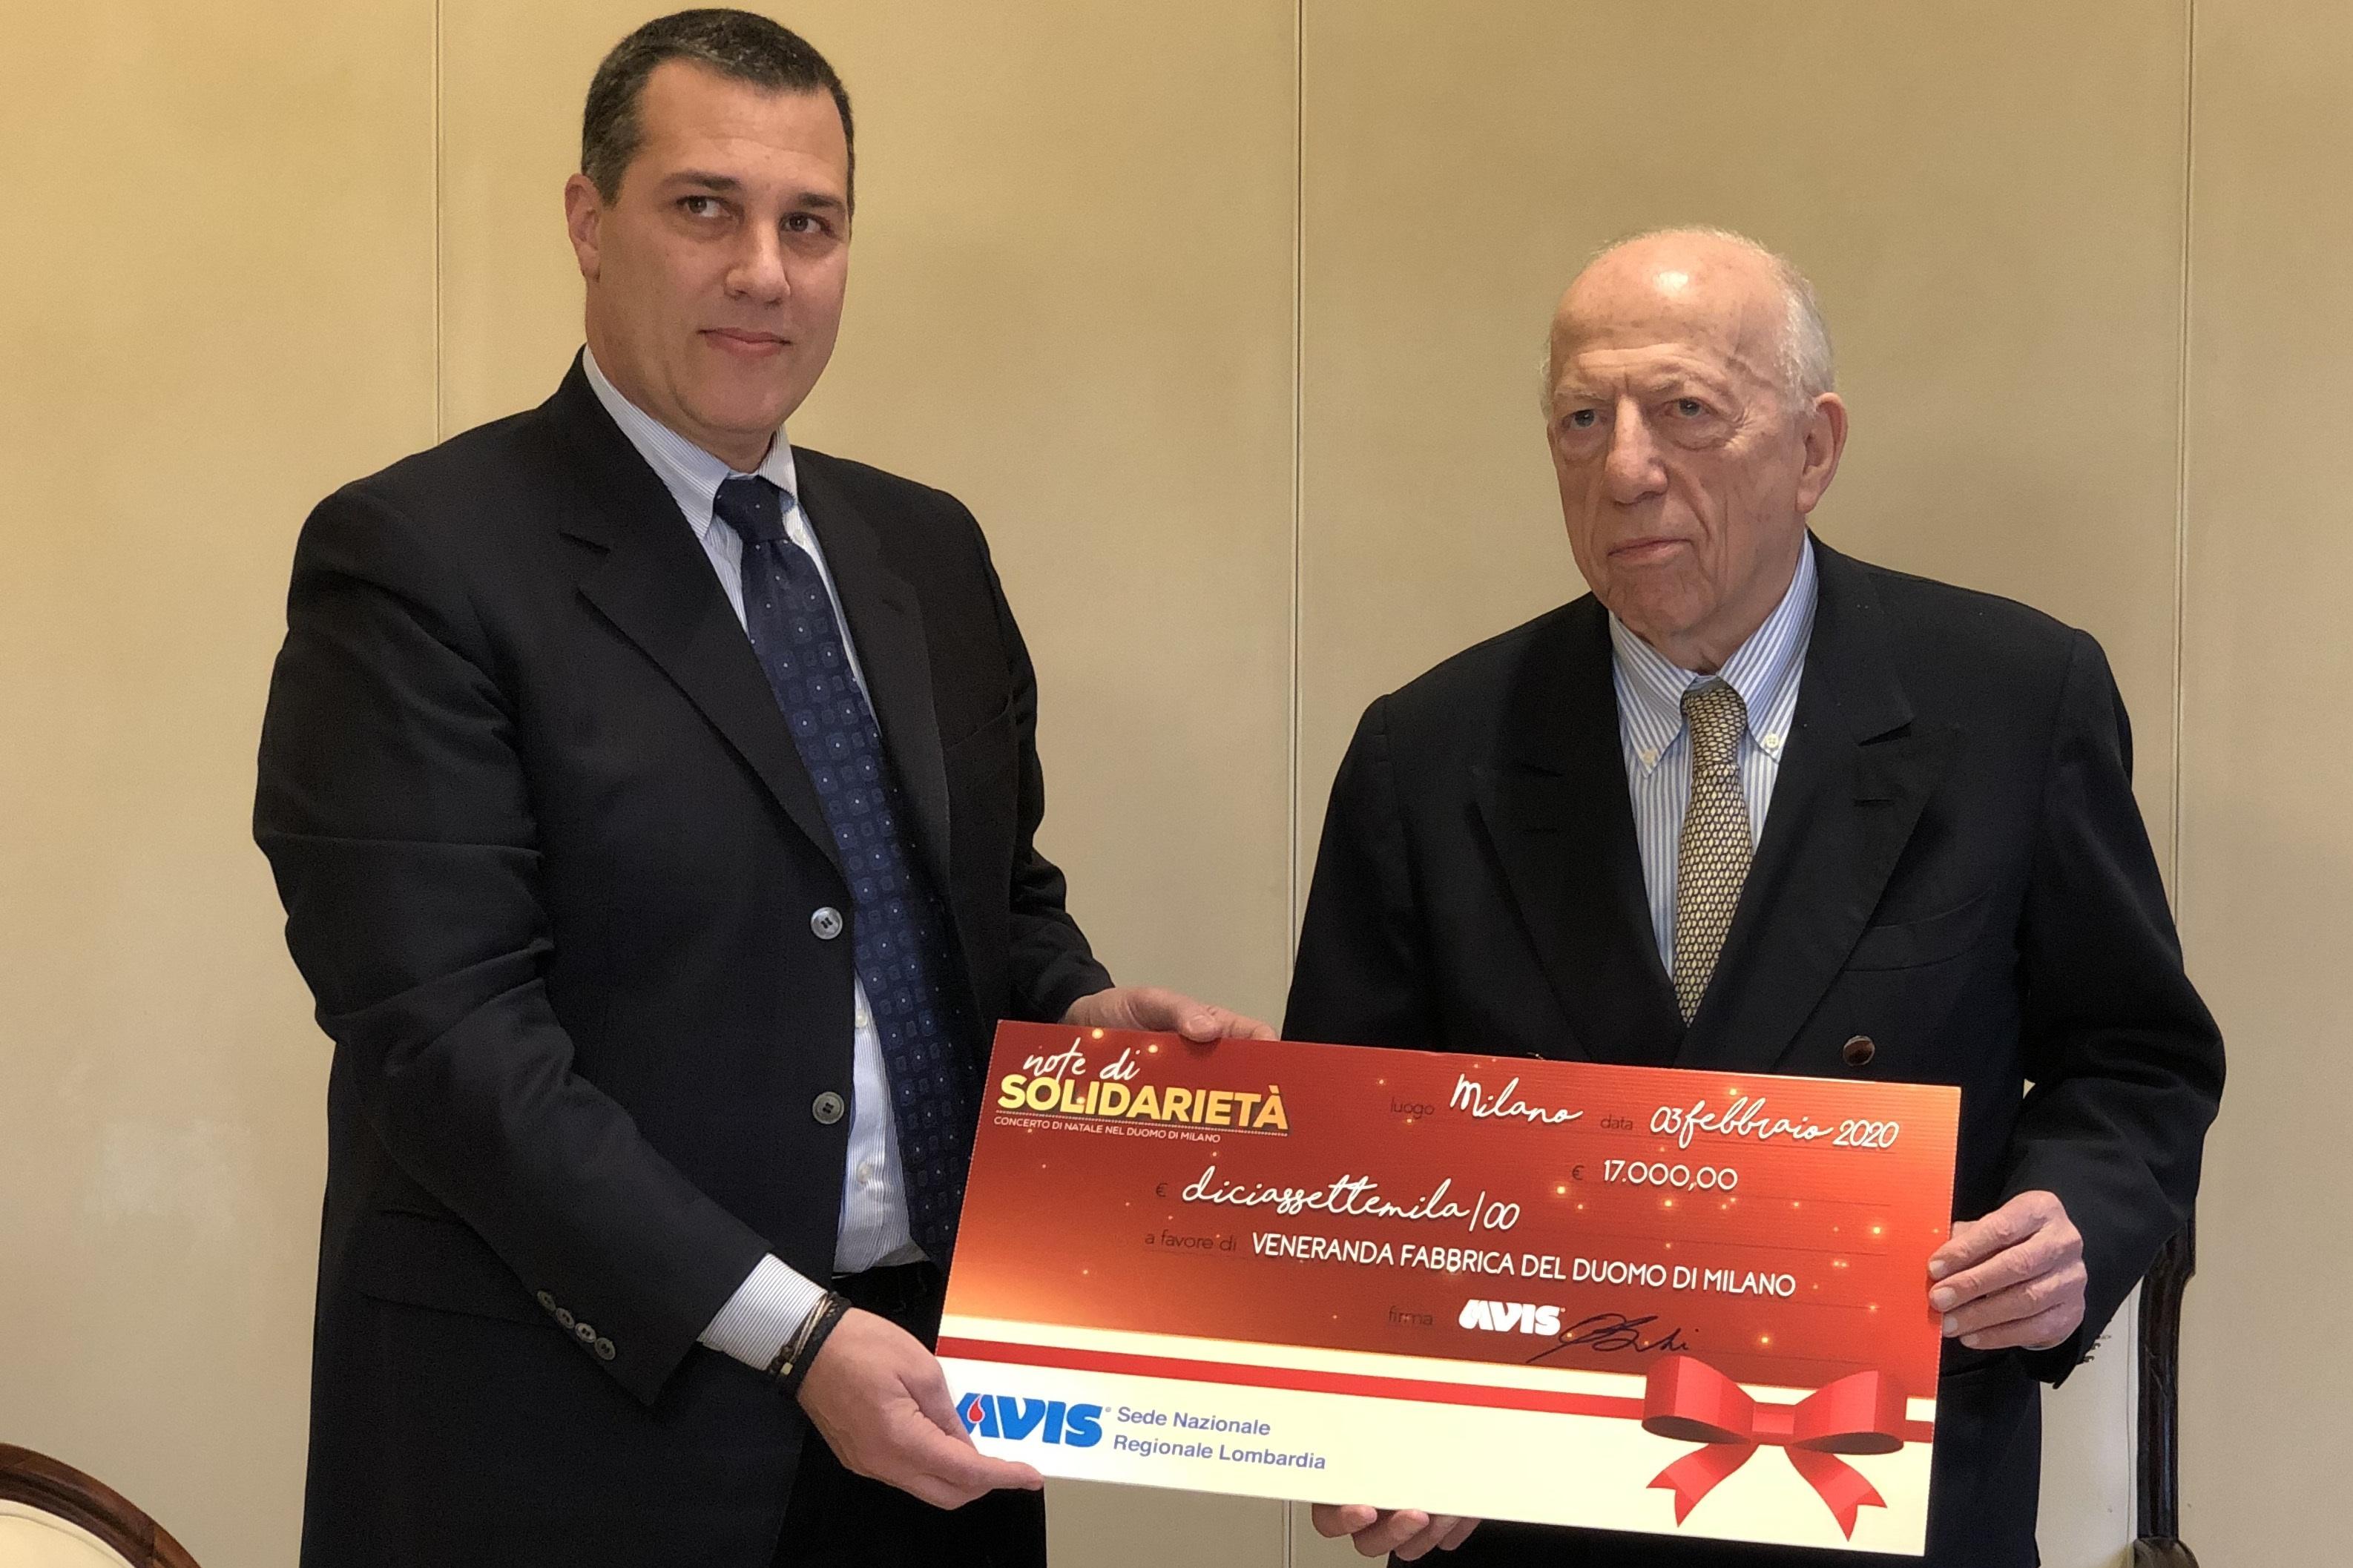 Oscar Bianchi e Fedele Confalonieri